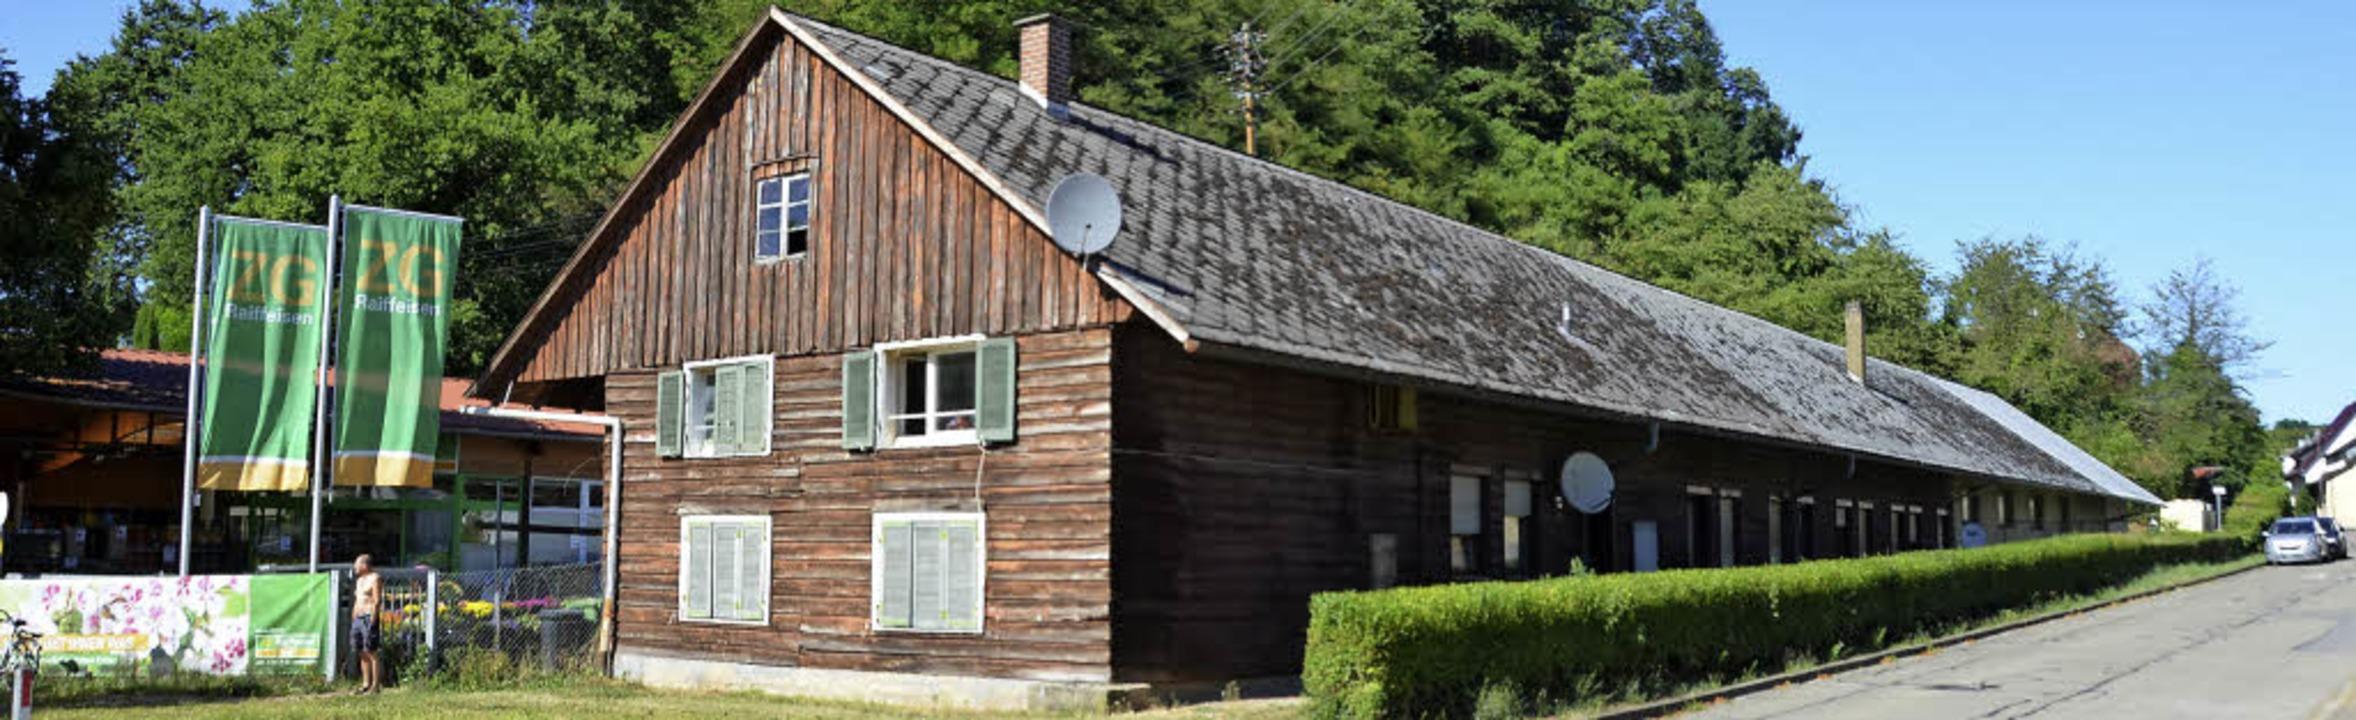 Die Sozialwohnungen in der Holzbaracke...soll ein neues Bankgebäude entstehen.     Foto: Max Schuler